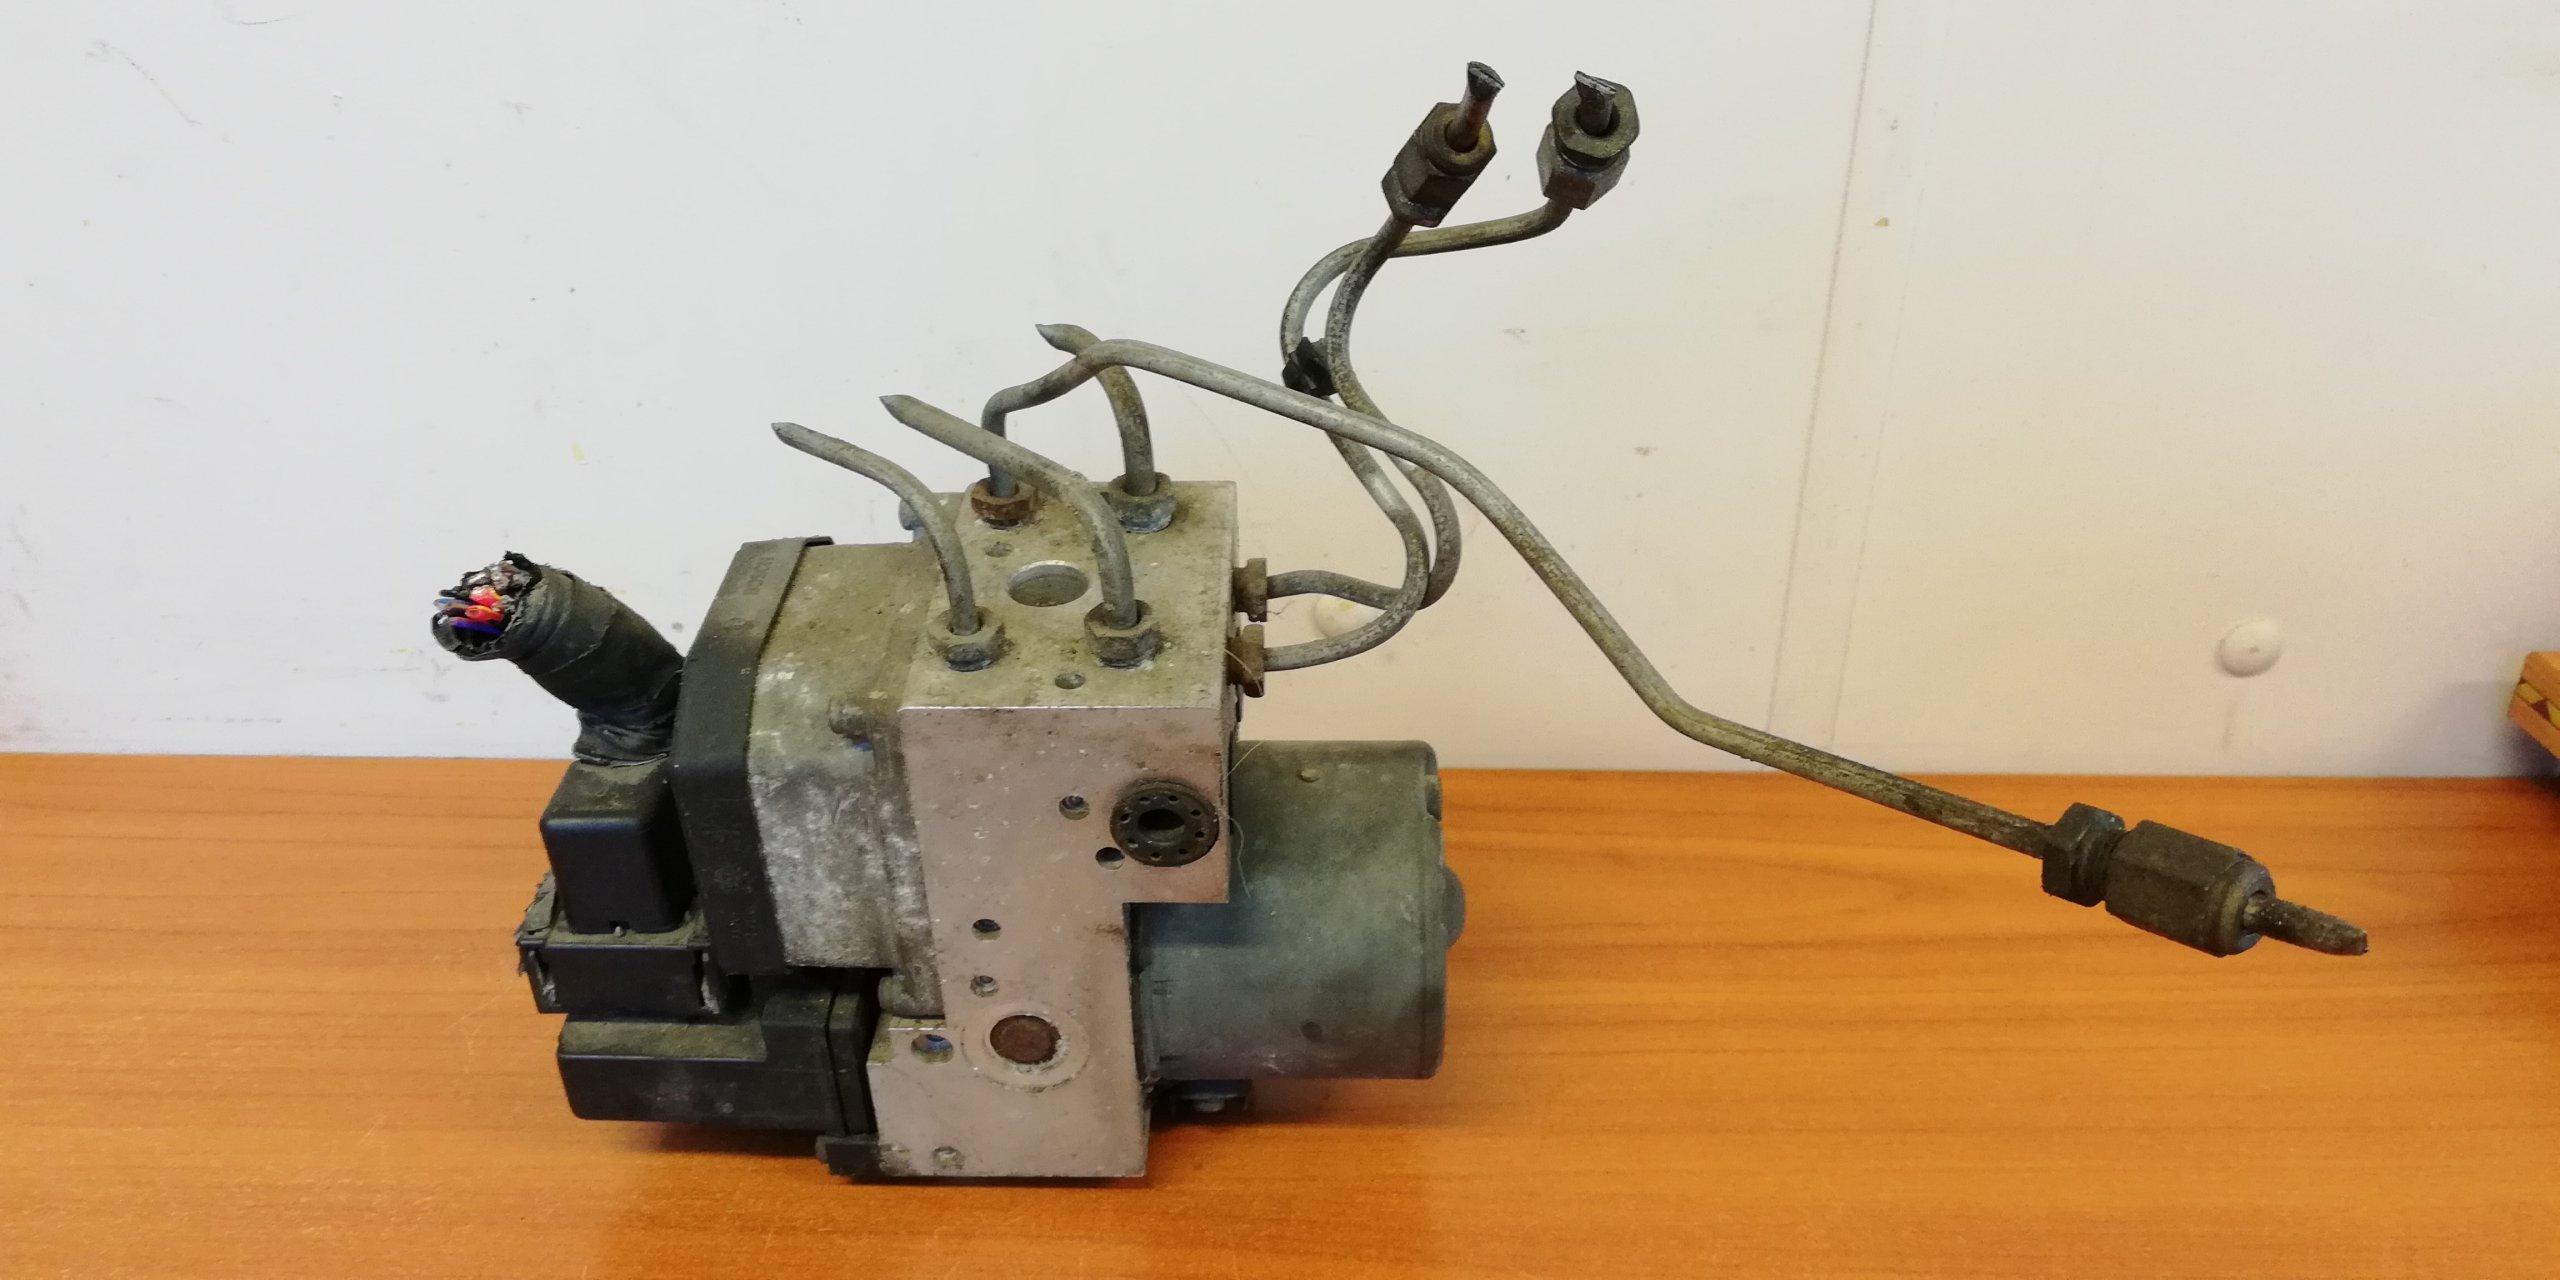 POMPA ABS FORD COUGAR 2.5 V6 0265220466